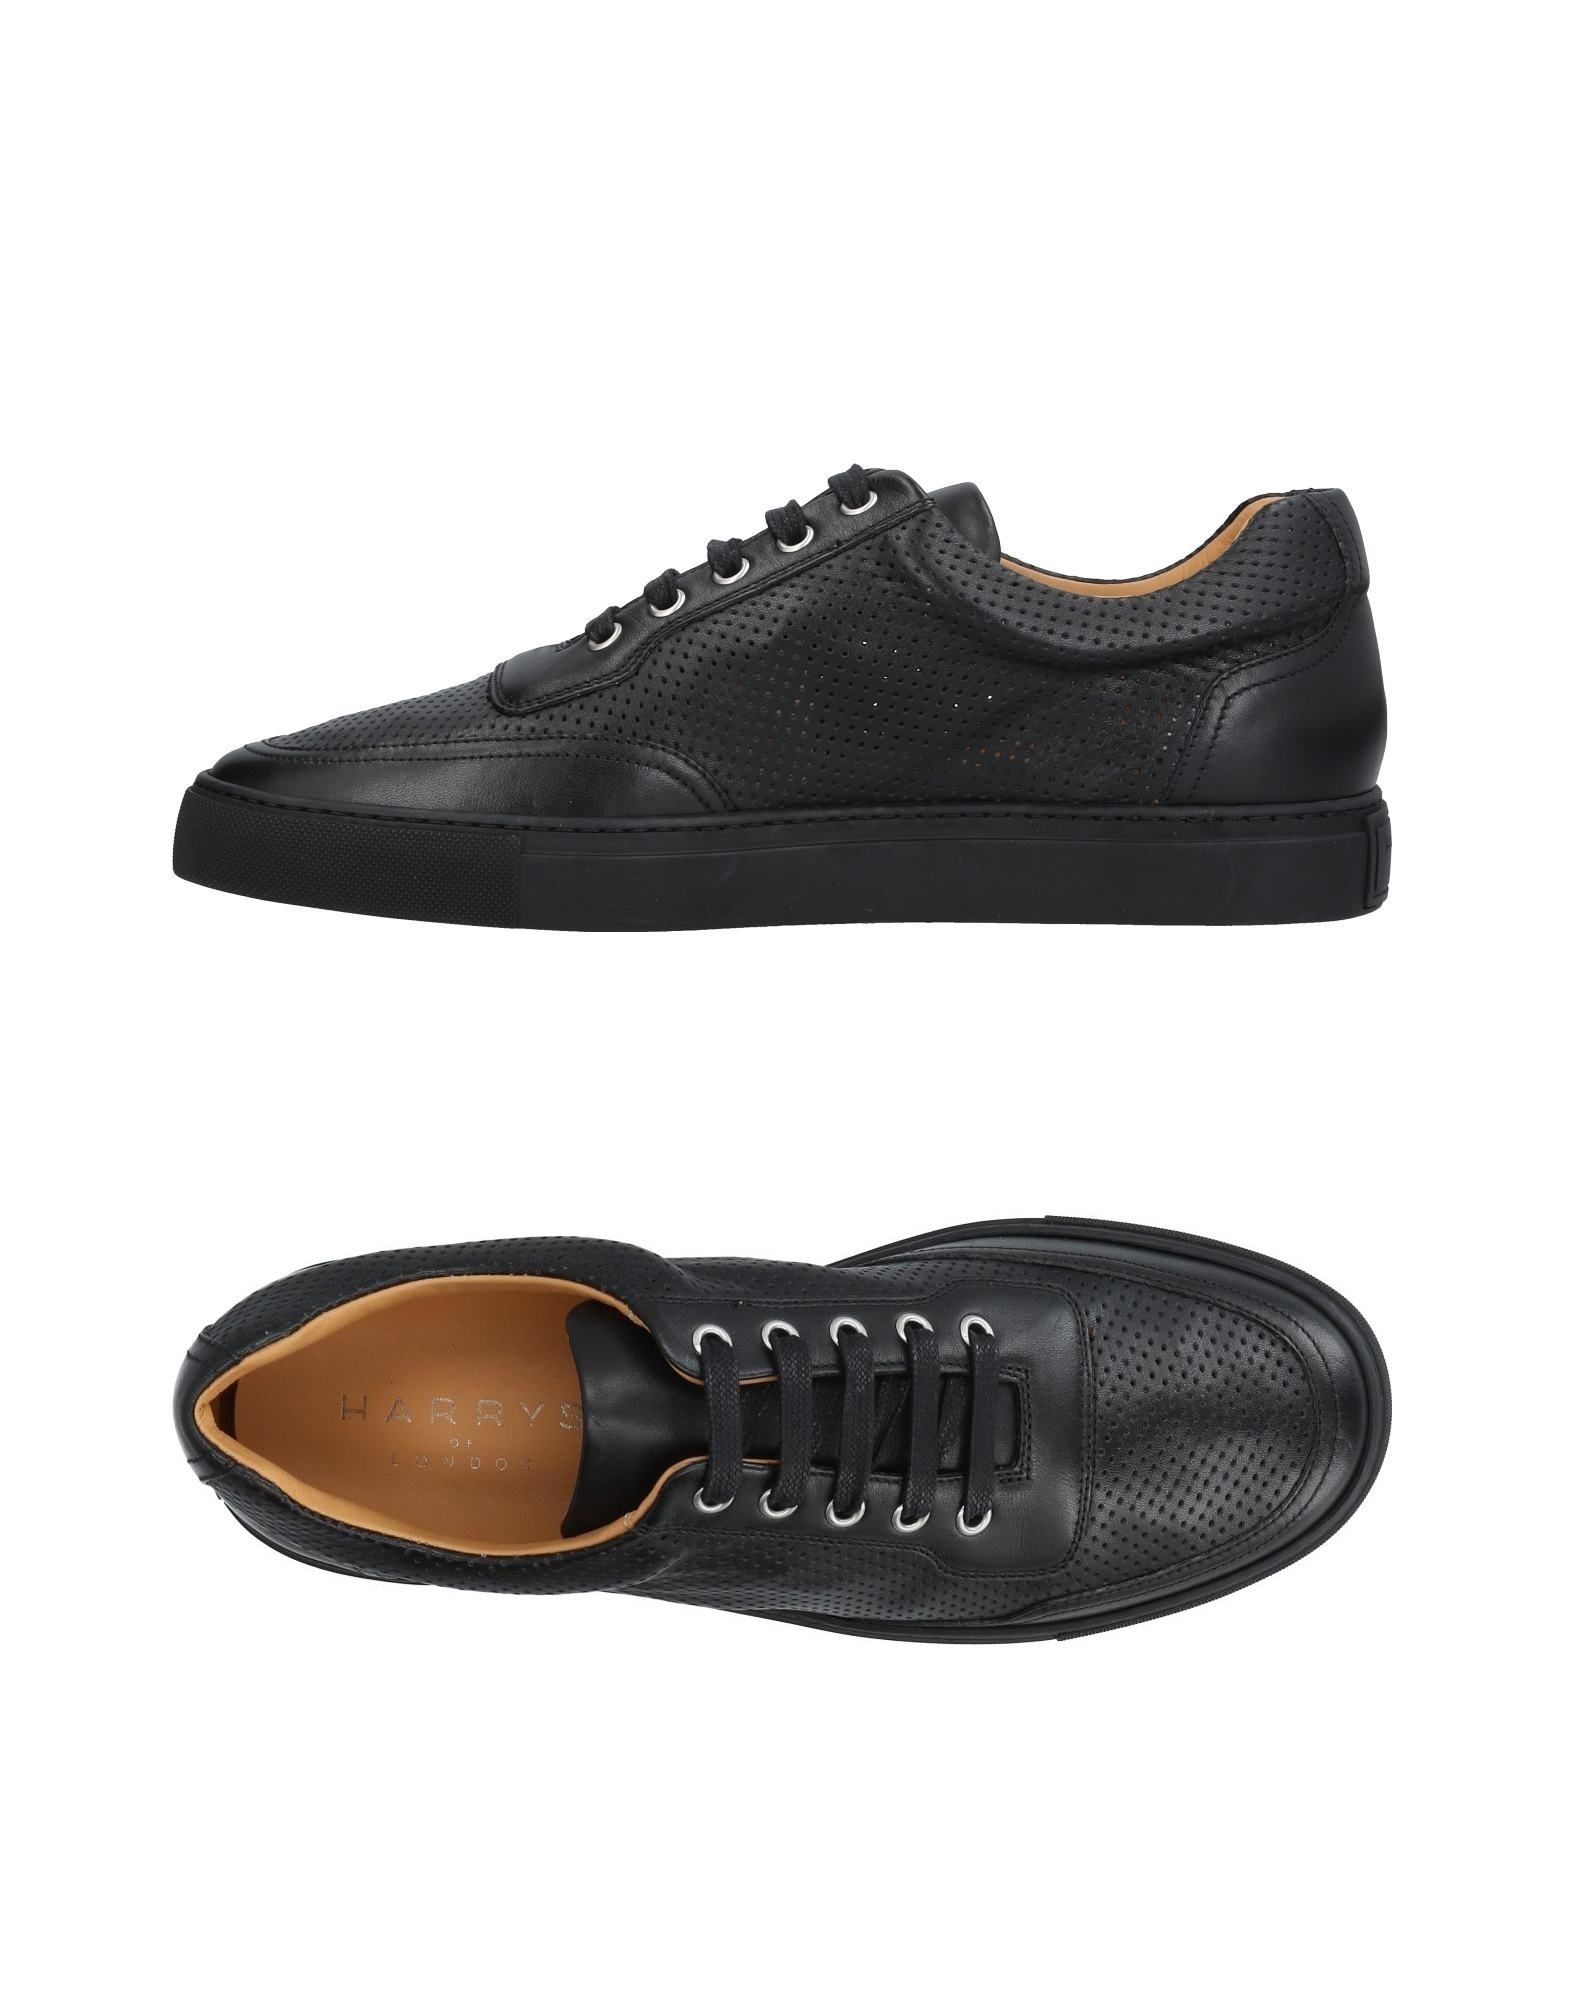 Harrys Of London Of Sneakers - Men Harrys Of London London Sneakers online on  United Kingdom - 11442544PC d0d001